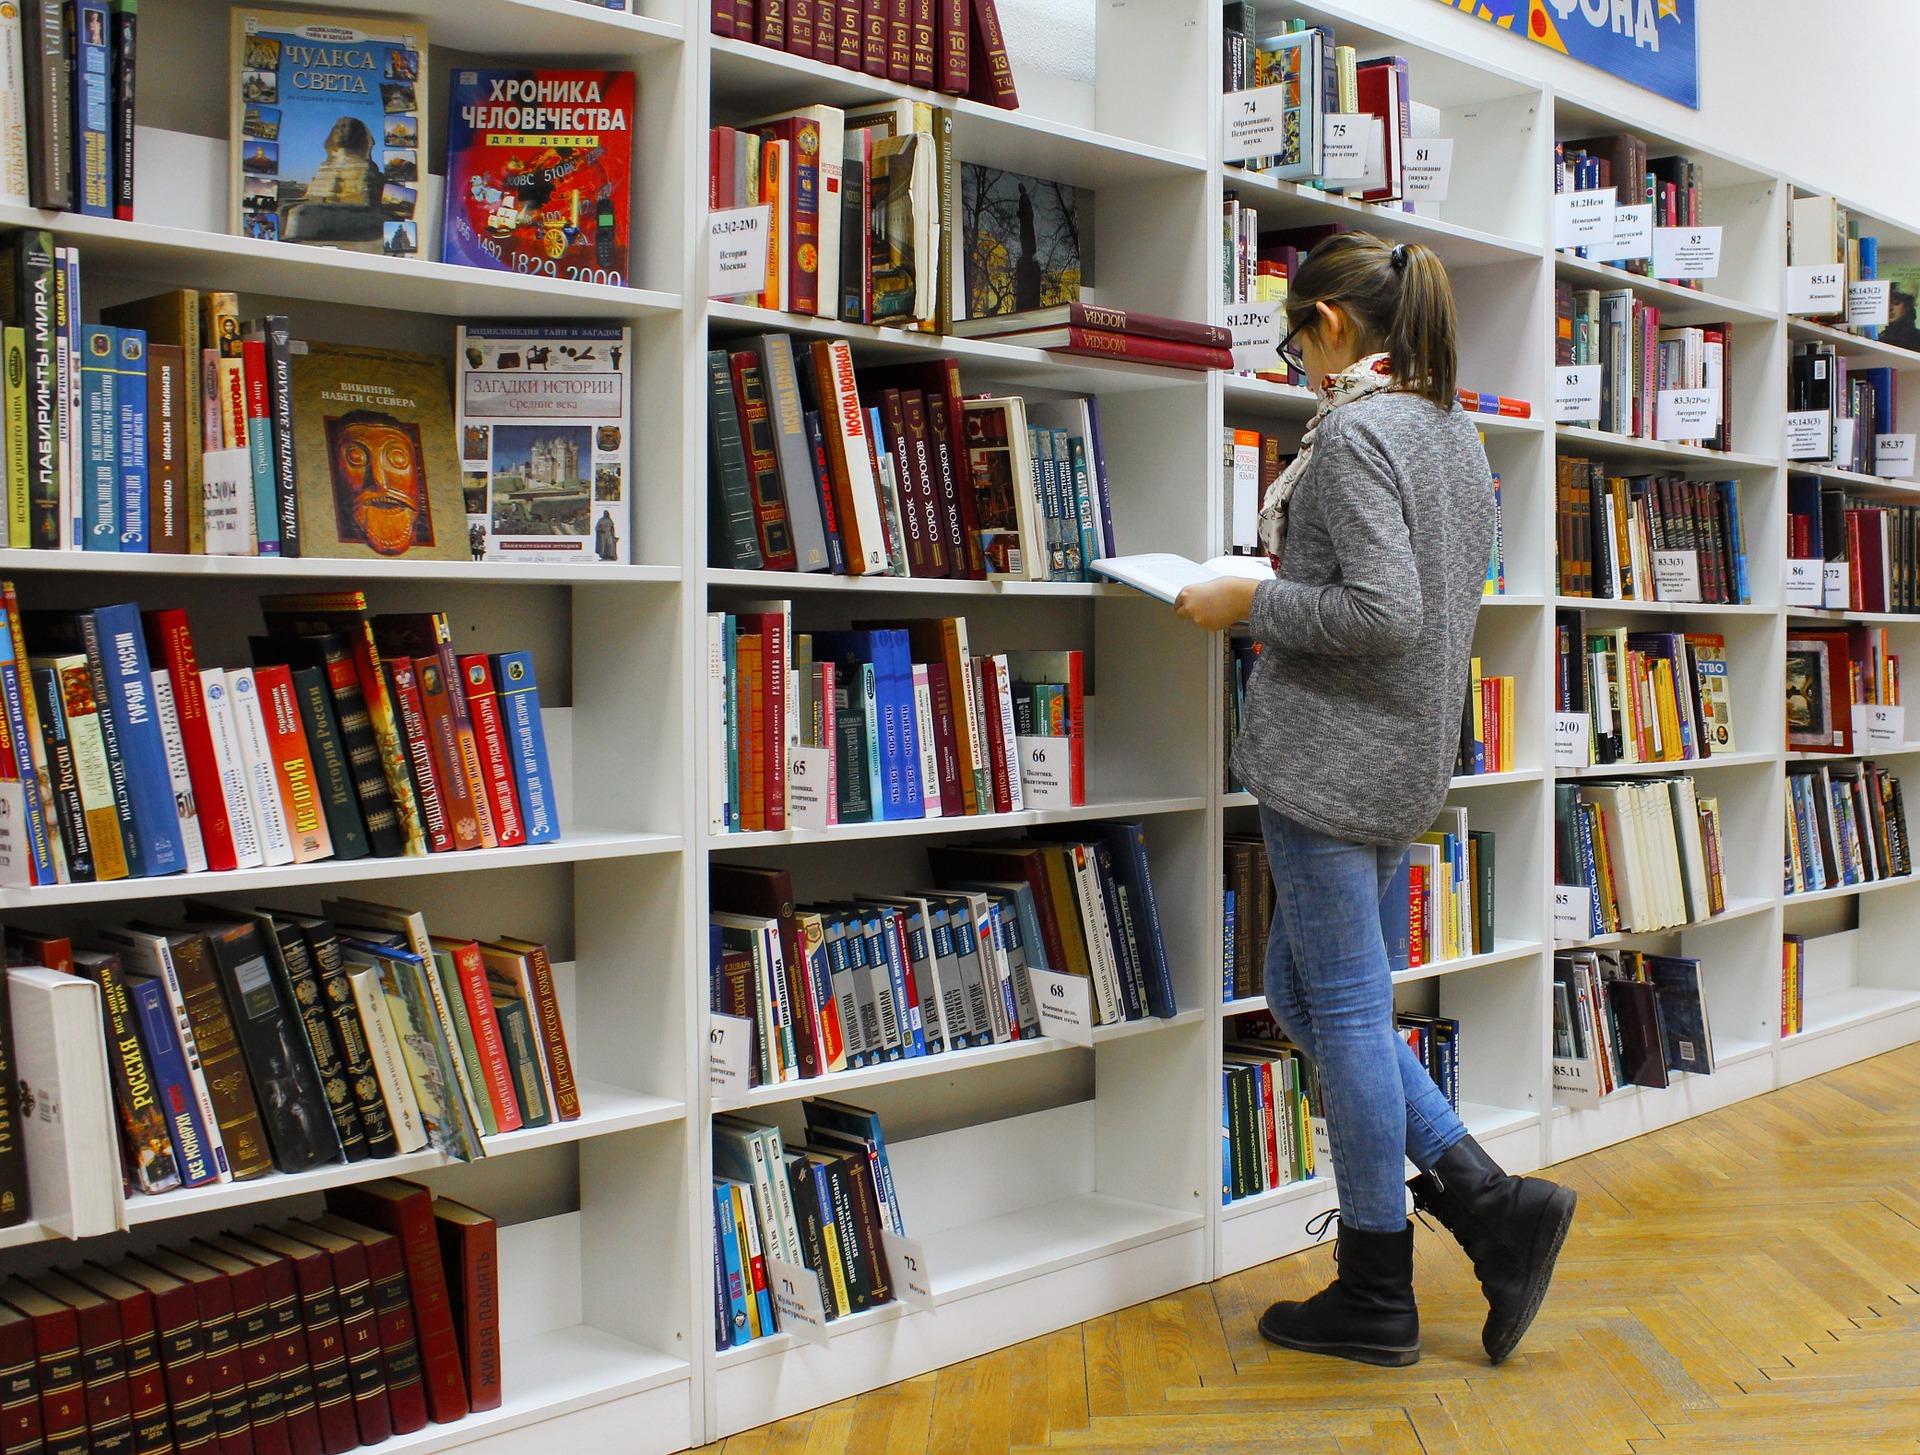 como ler livros livraria